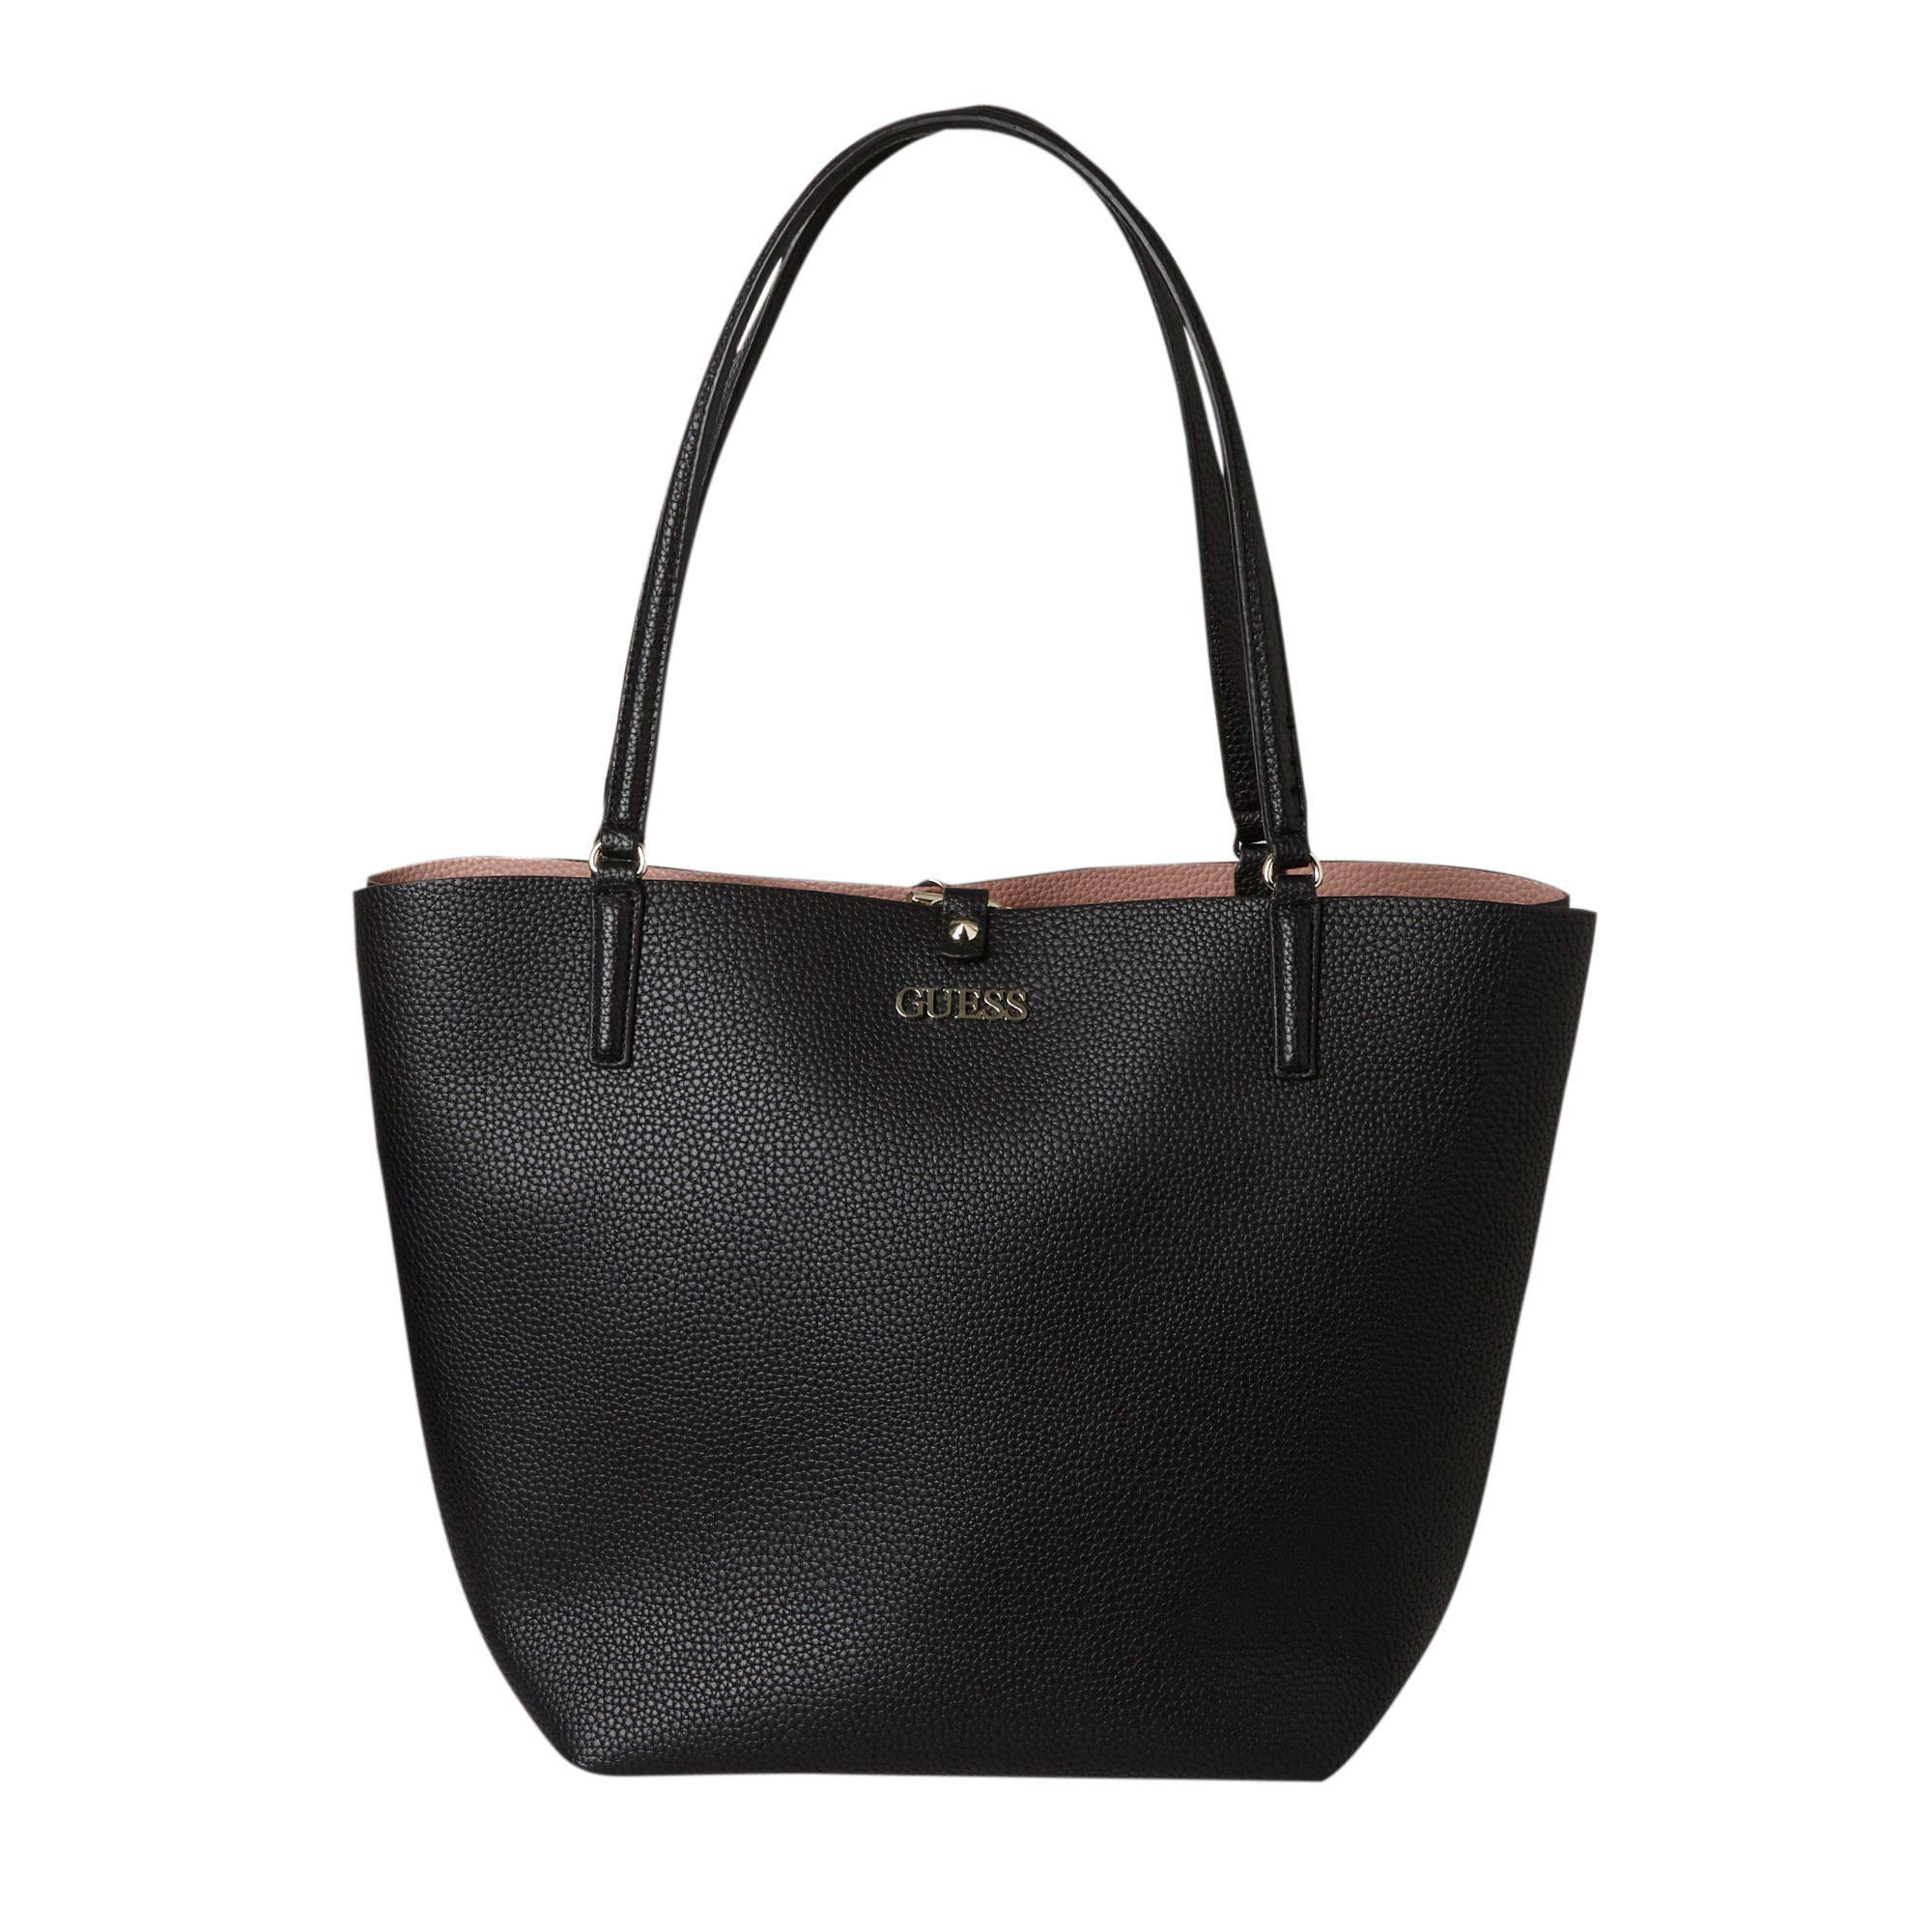 bag in bag ALBY TOGGLE TOTECAMILA CONVERTIBLE X zwart